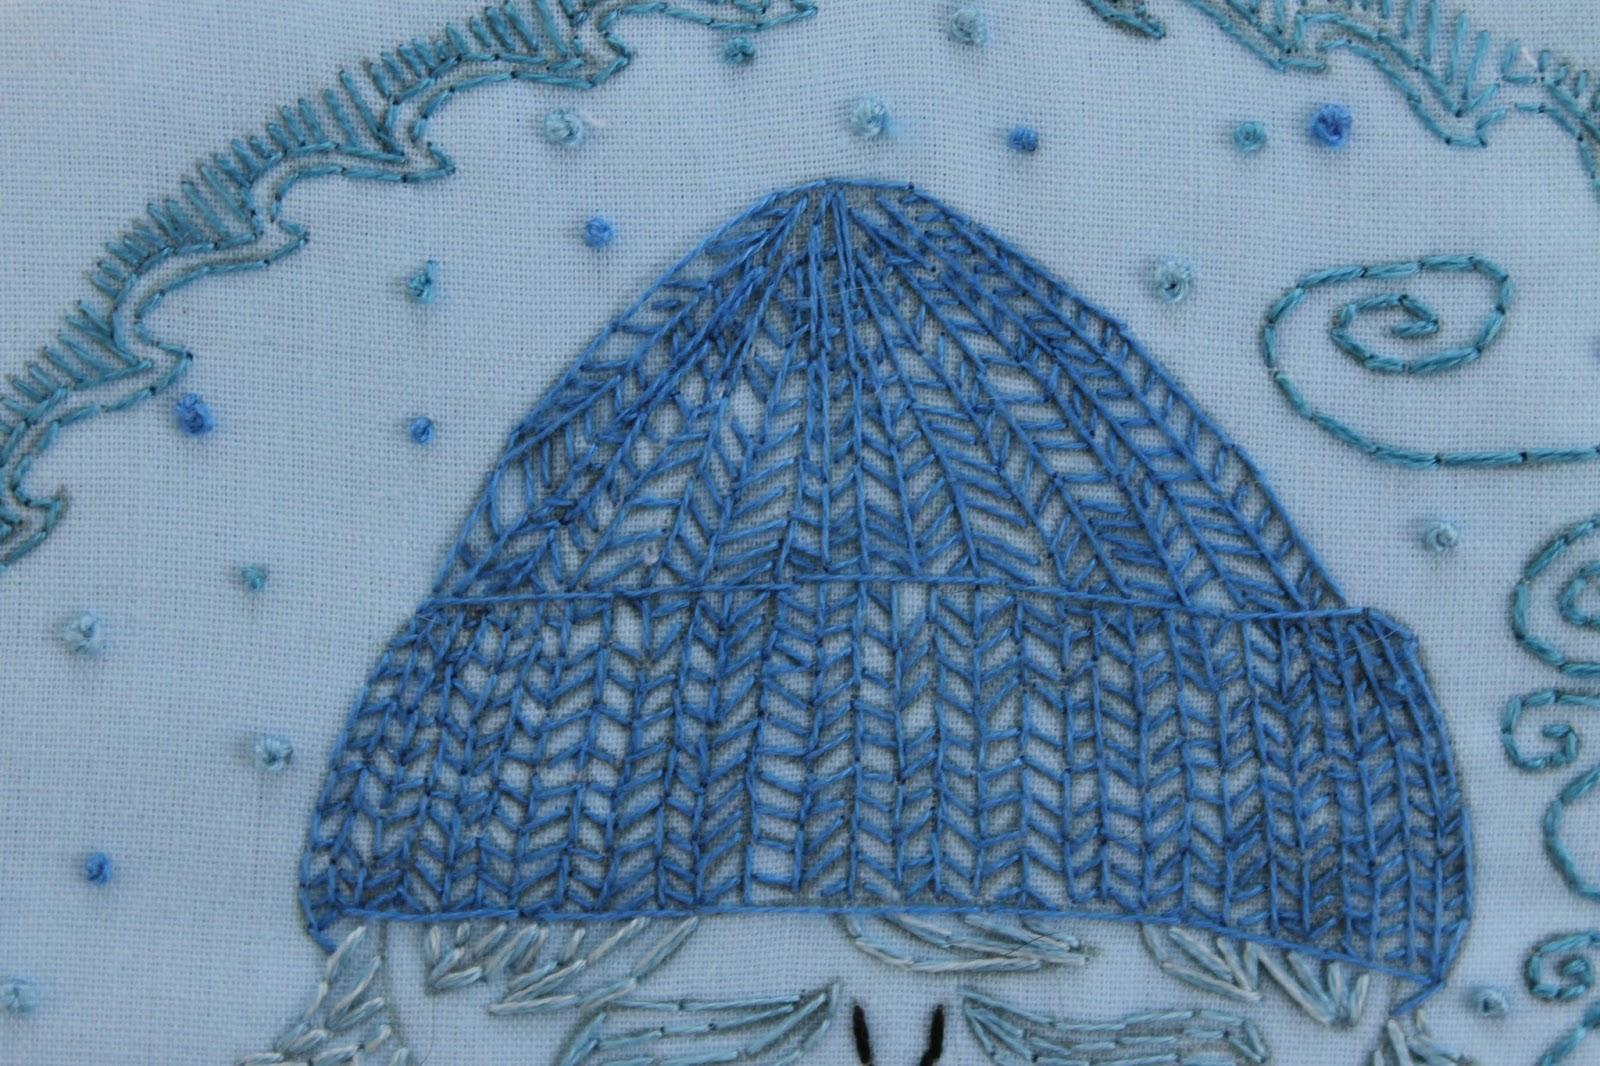 d02fe6ba2 Ahoy! Sea Captain Embroidery - The Feisty Redhead